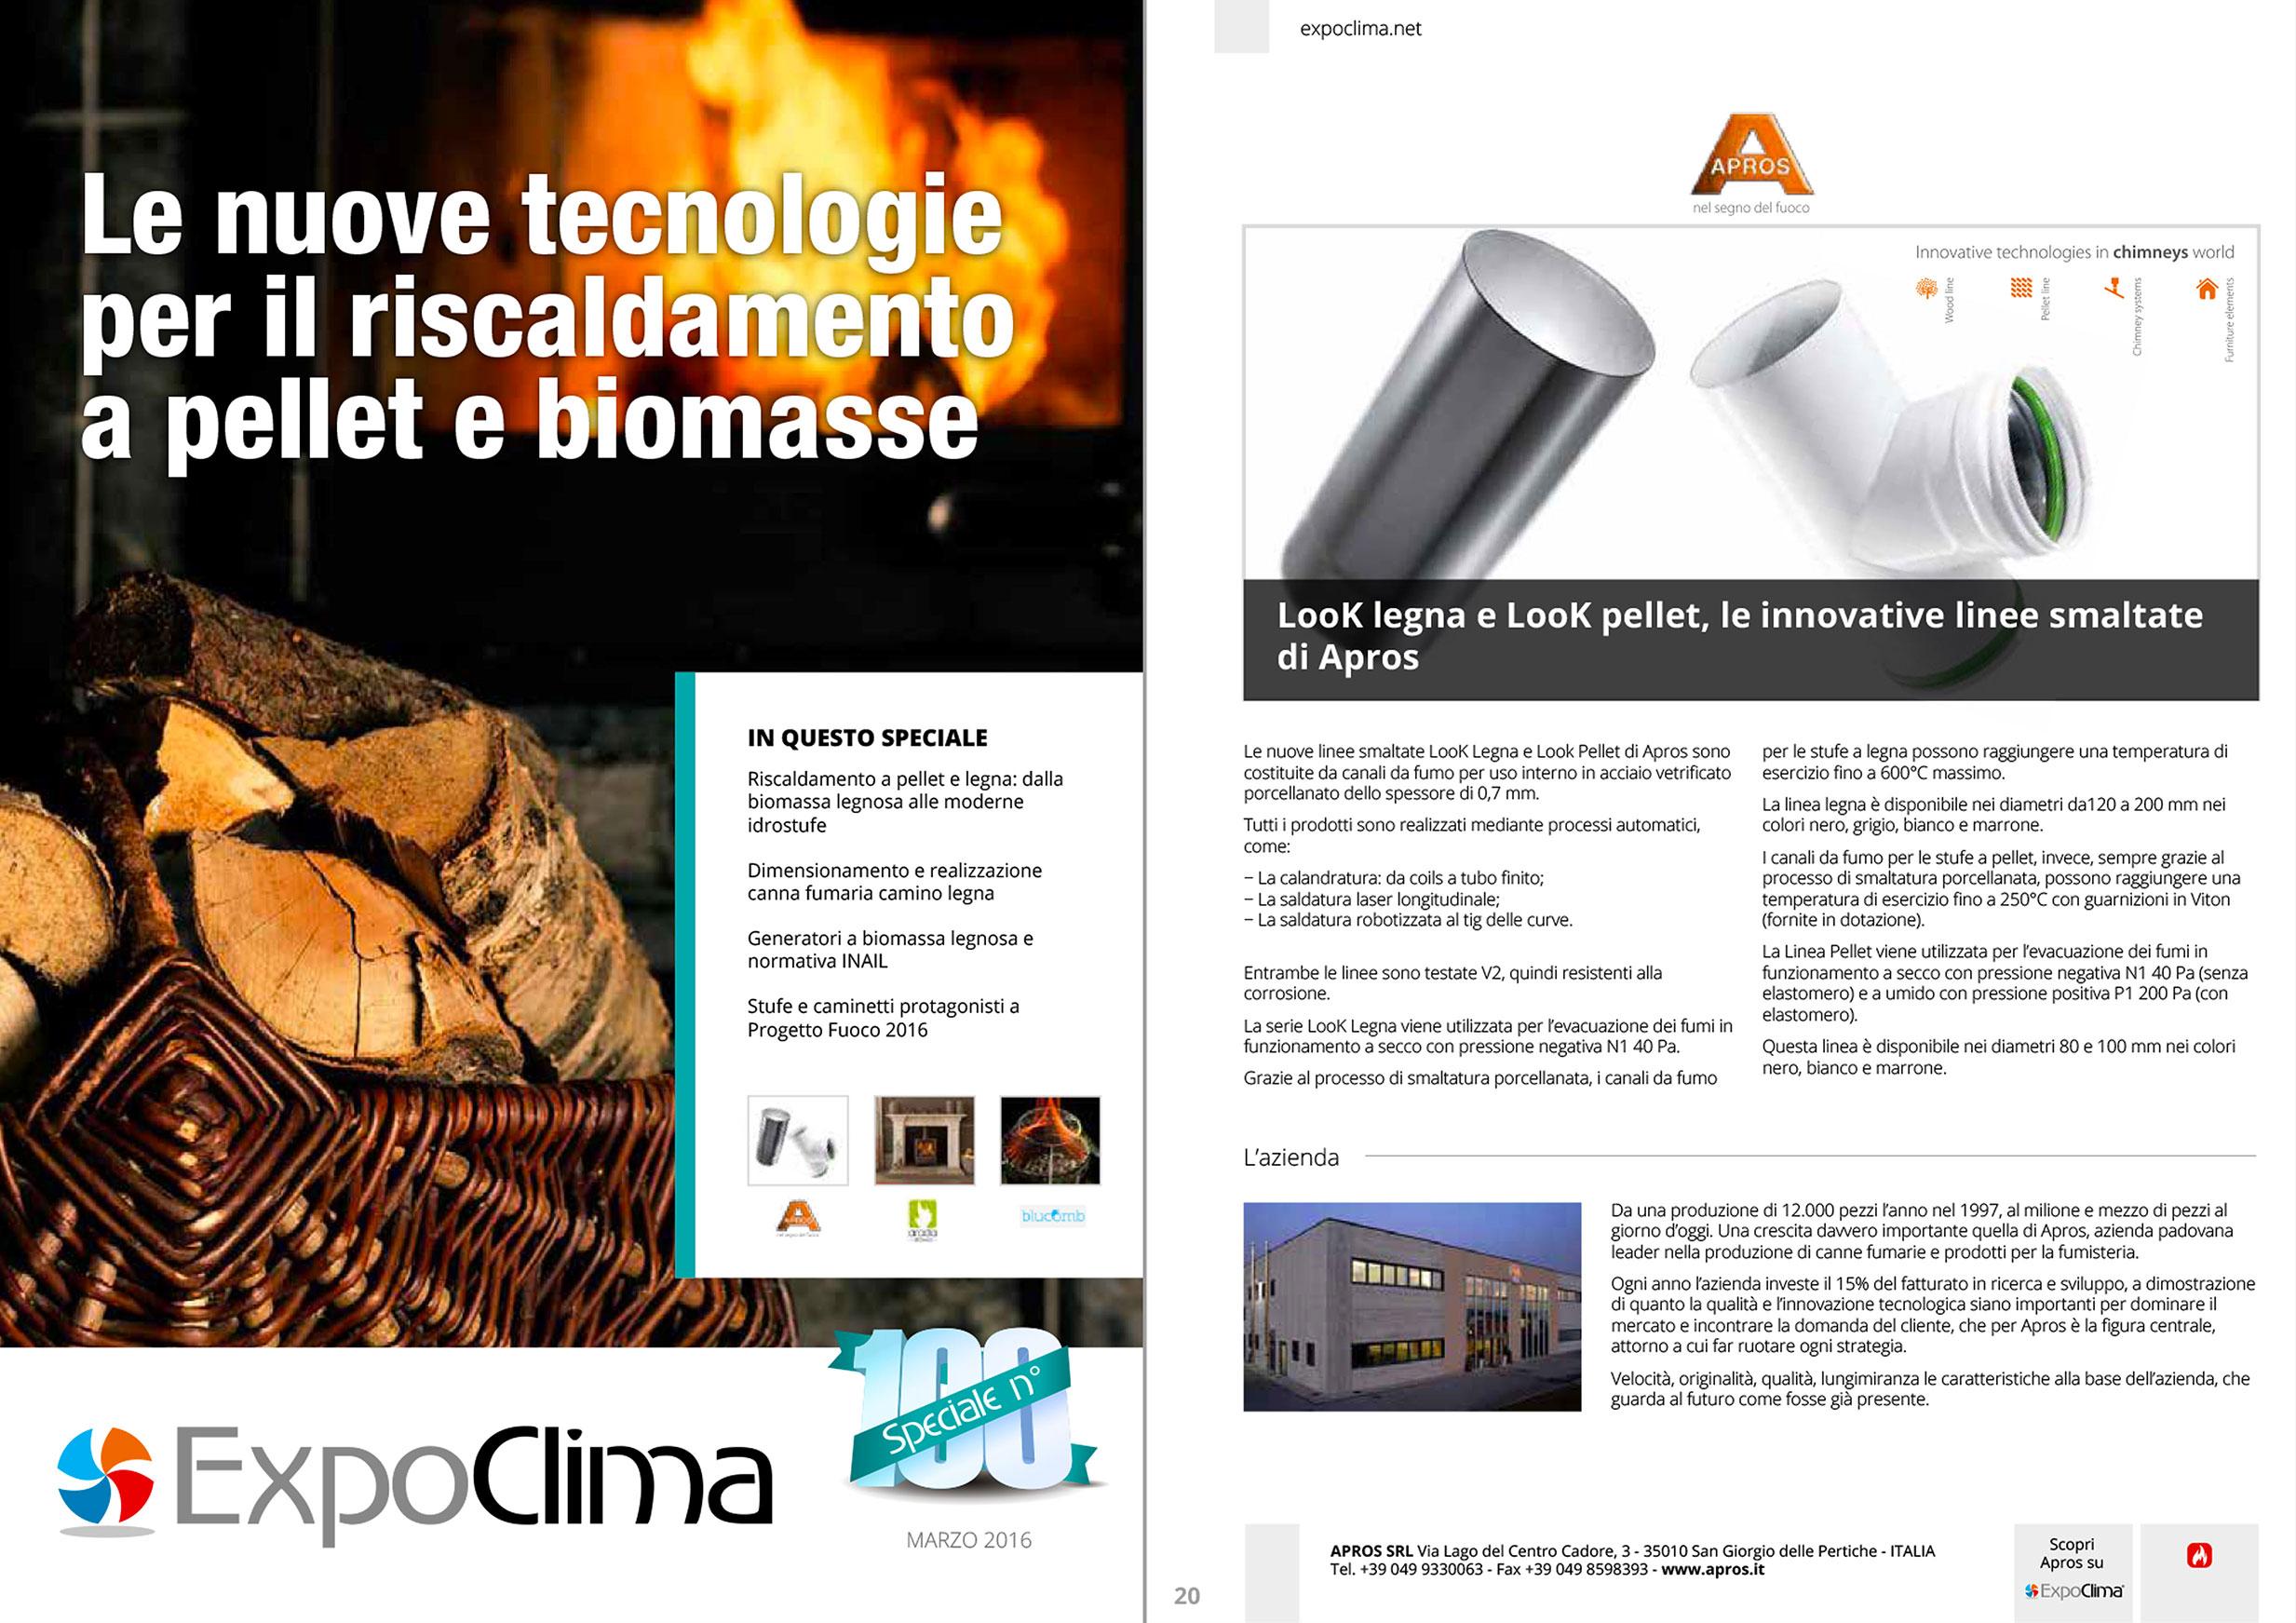 Le nuove tecnologie per il riscaldamento a pellet e biomasse